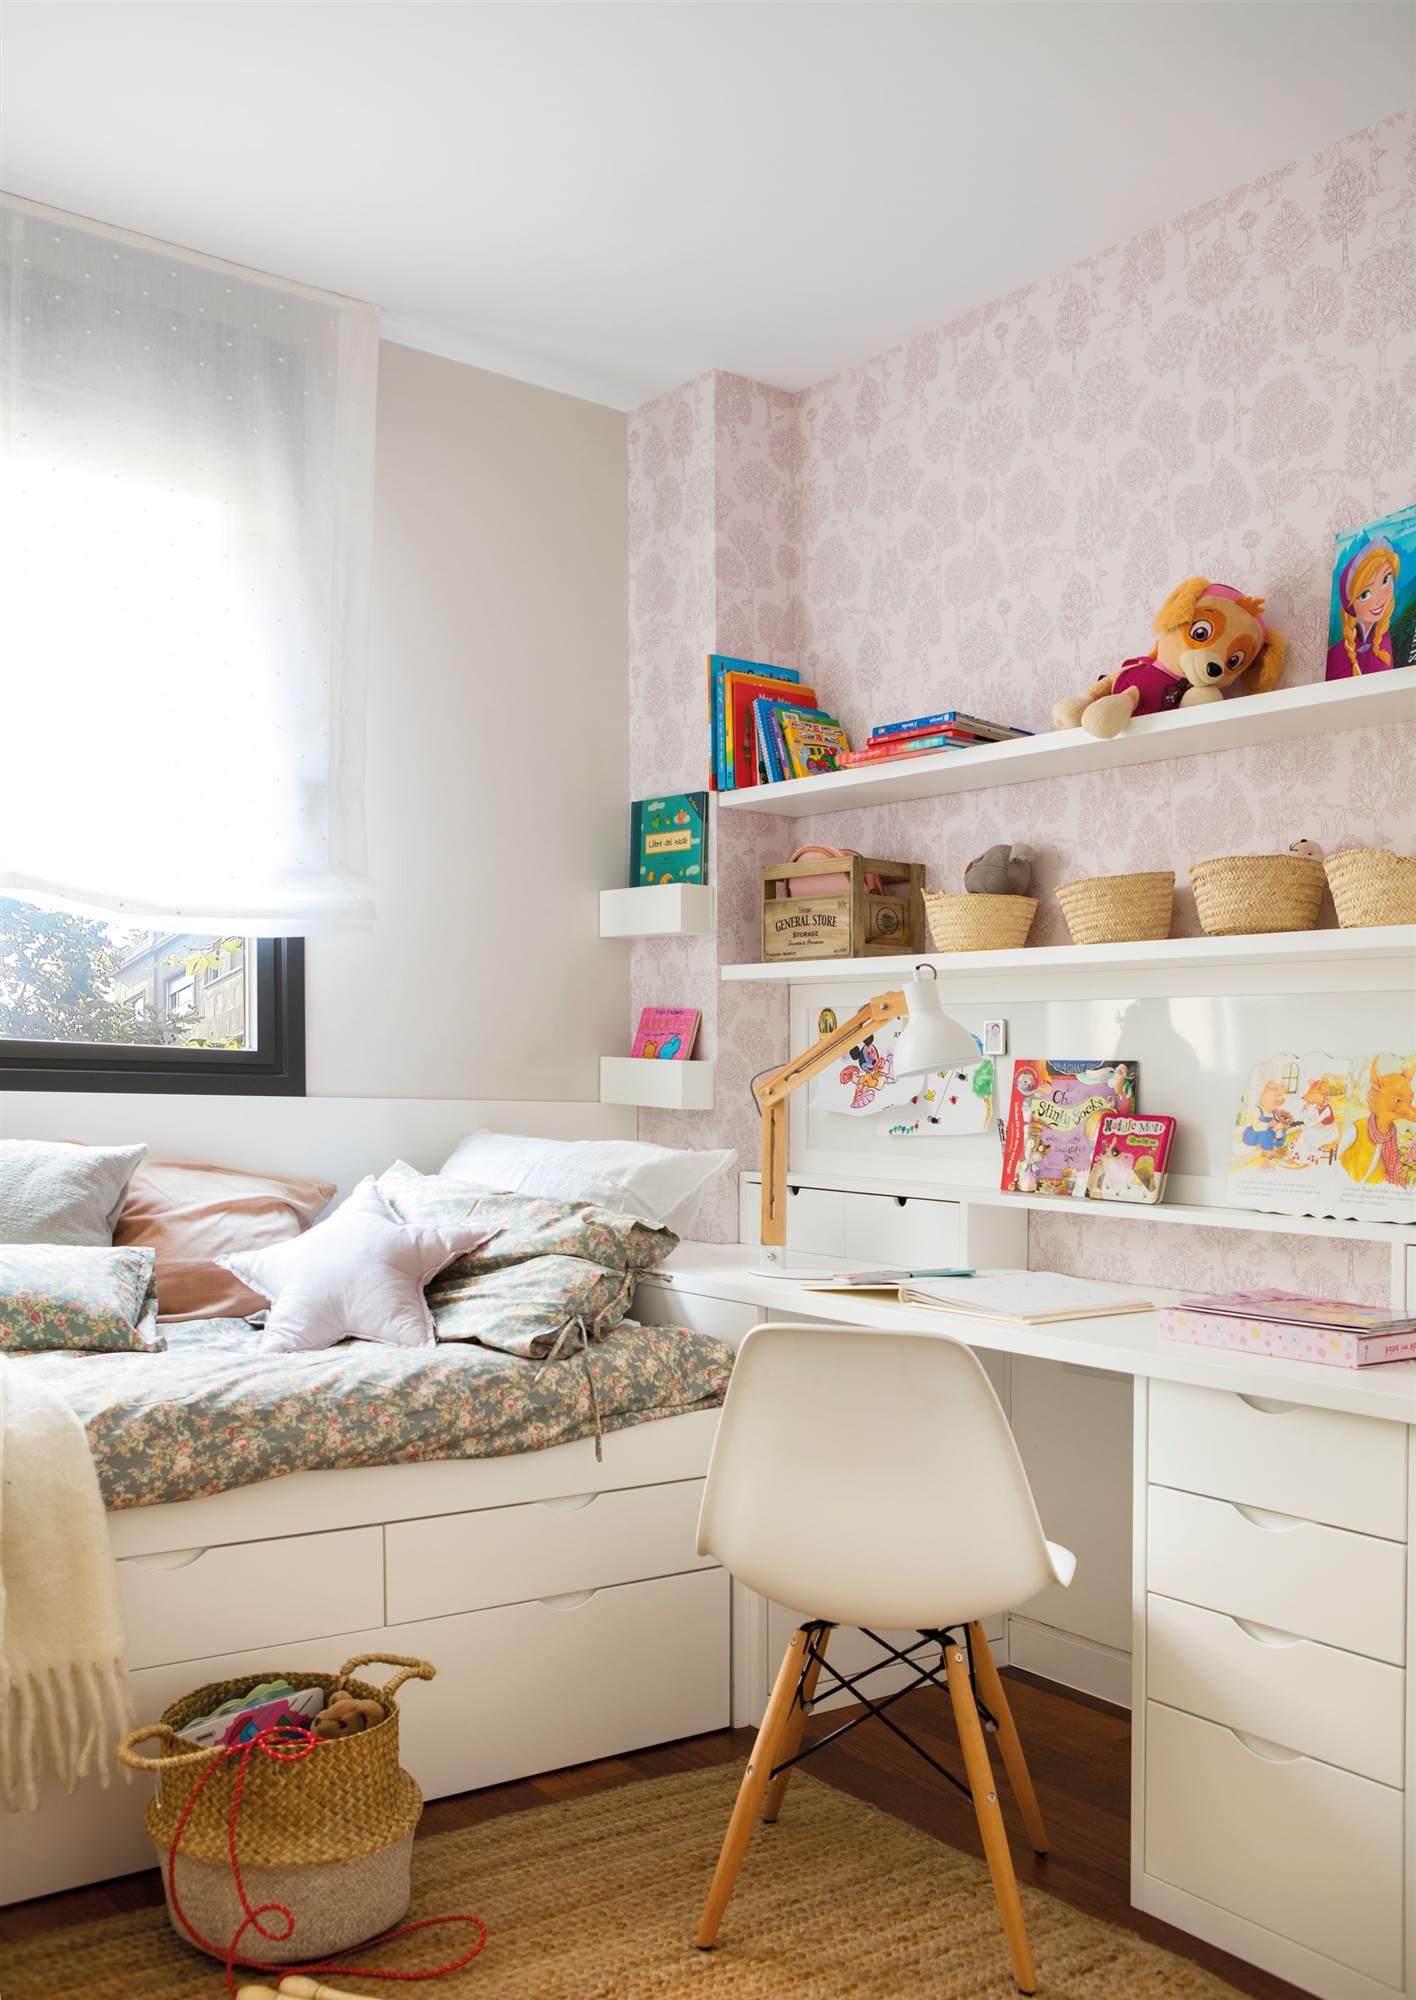 Proyecto Mueble Funcional Diseño De Mobiliario A Medida: Habitaciones Infantiles Y Juveniles: Las 50 Mejores De El